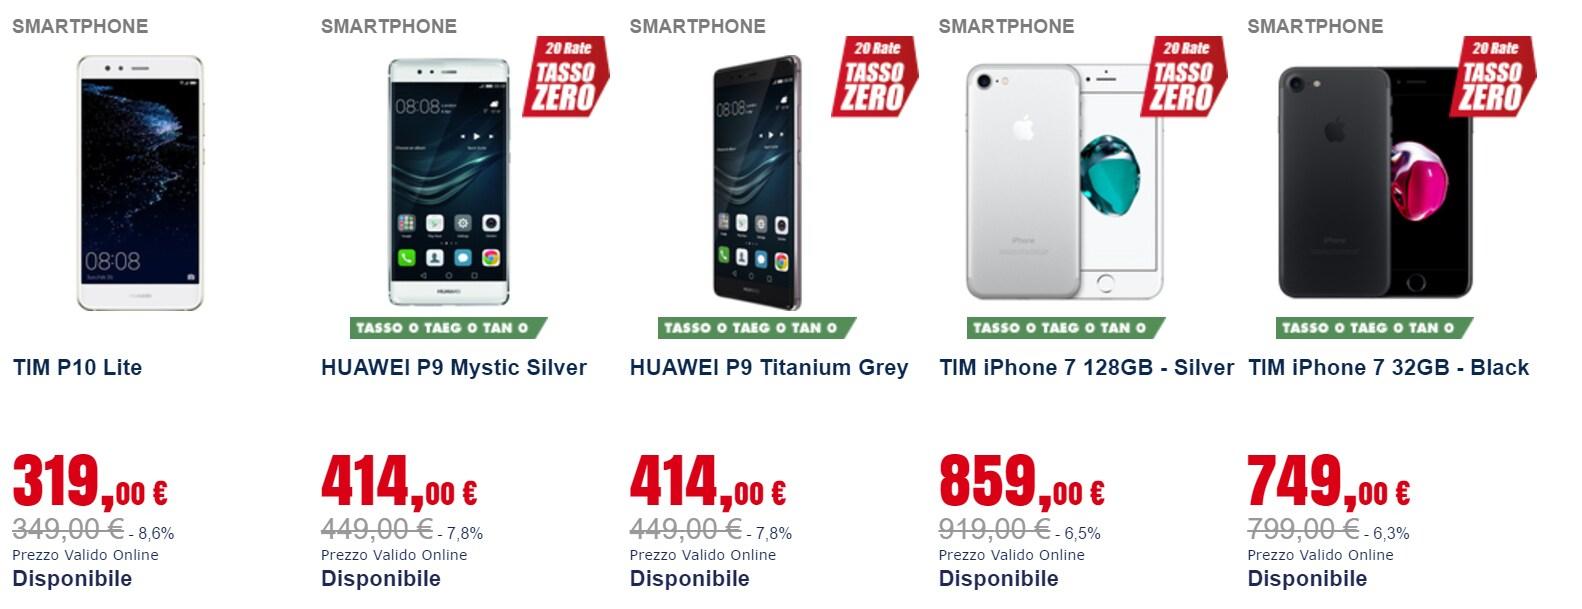 trony sconti stellari maggio 2017_smartphone (1)